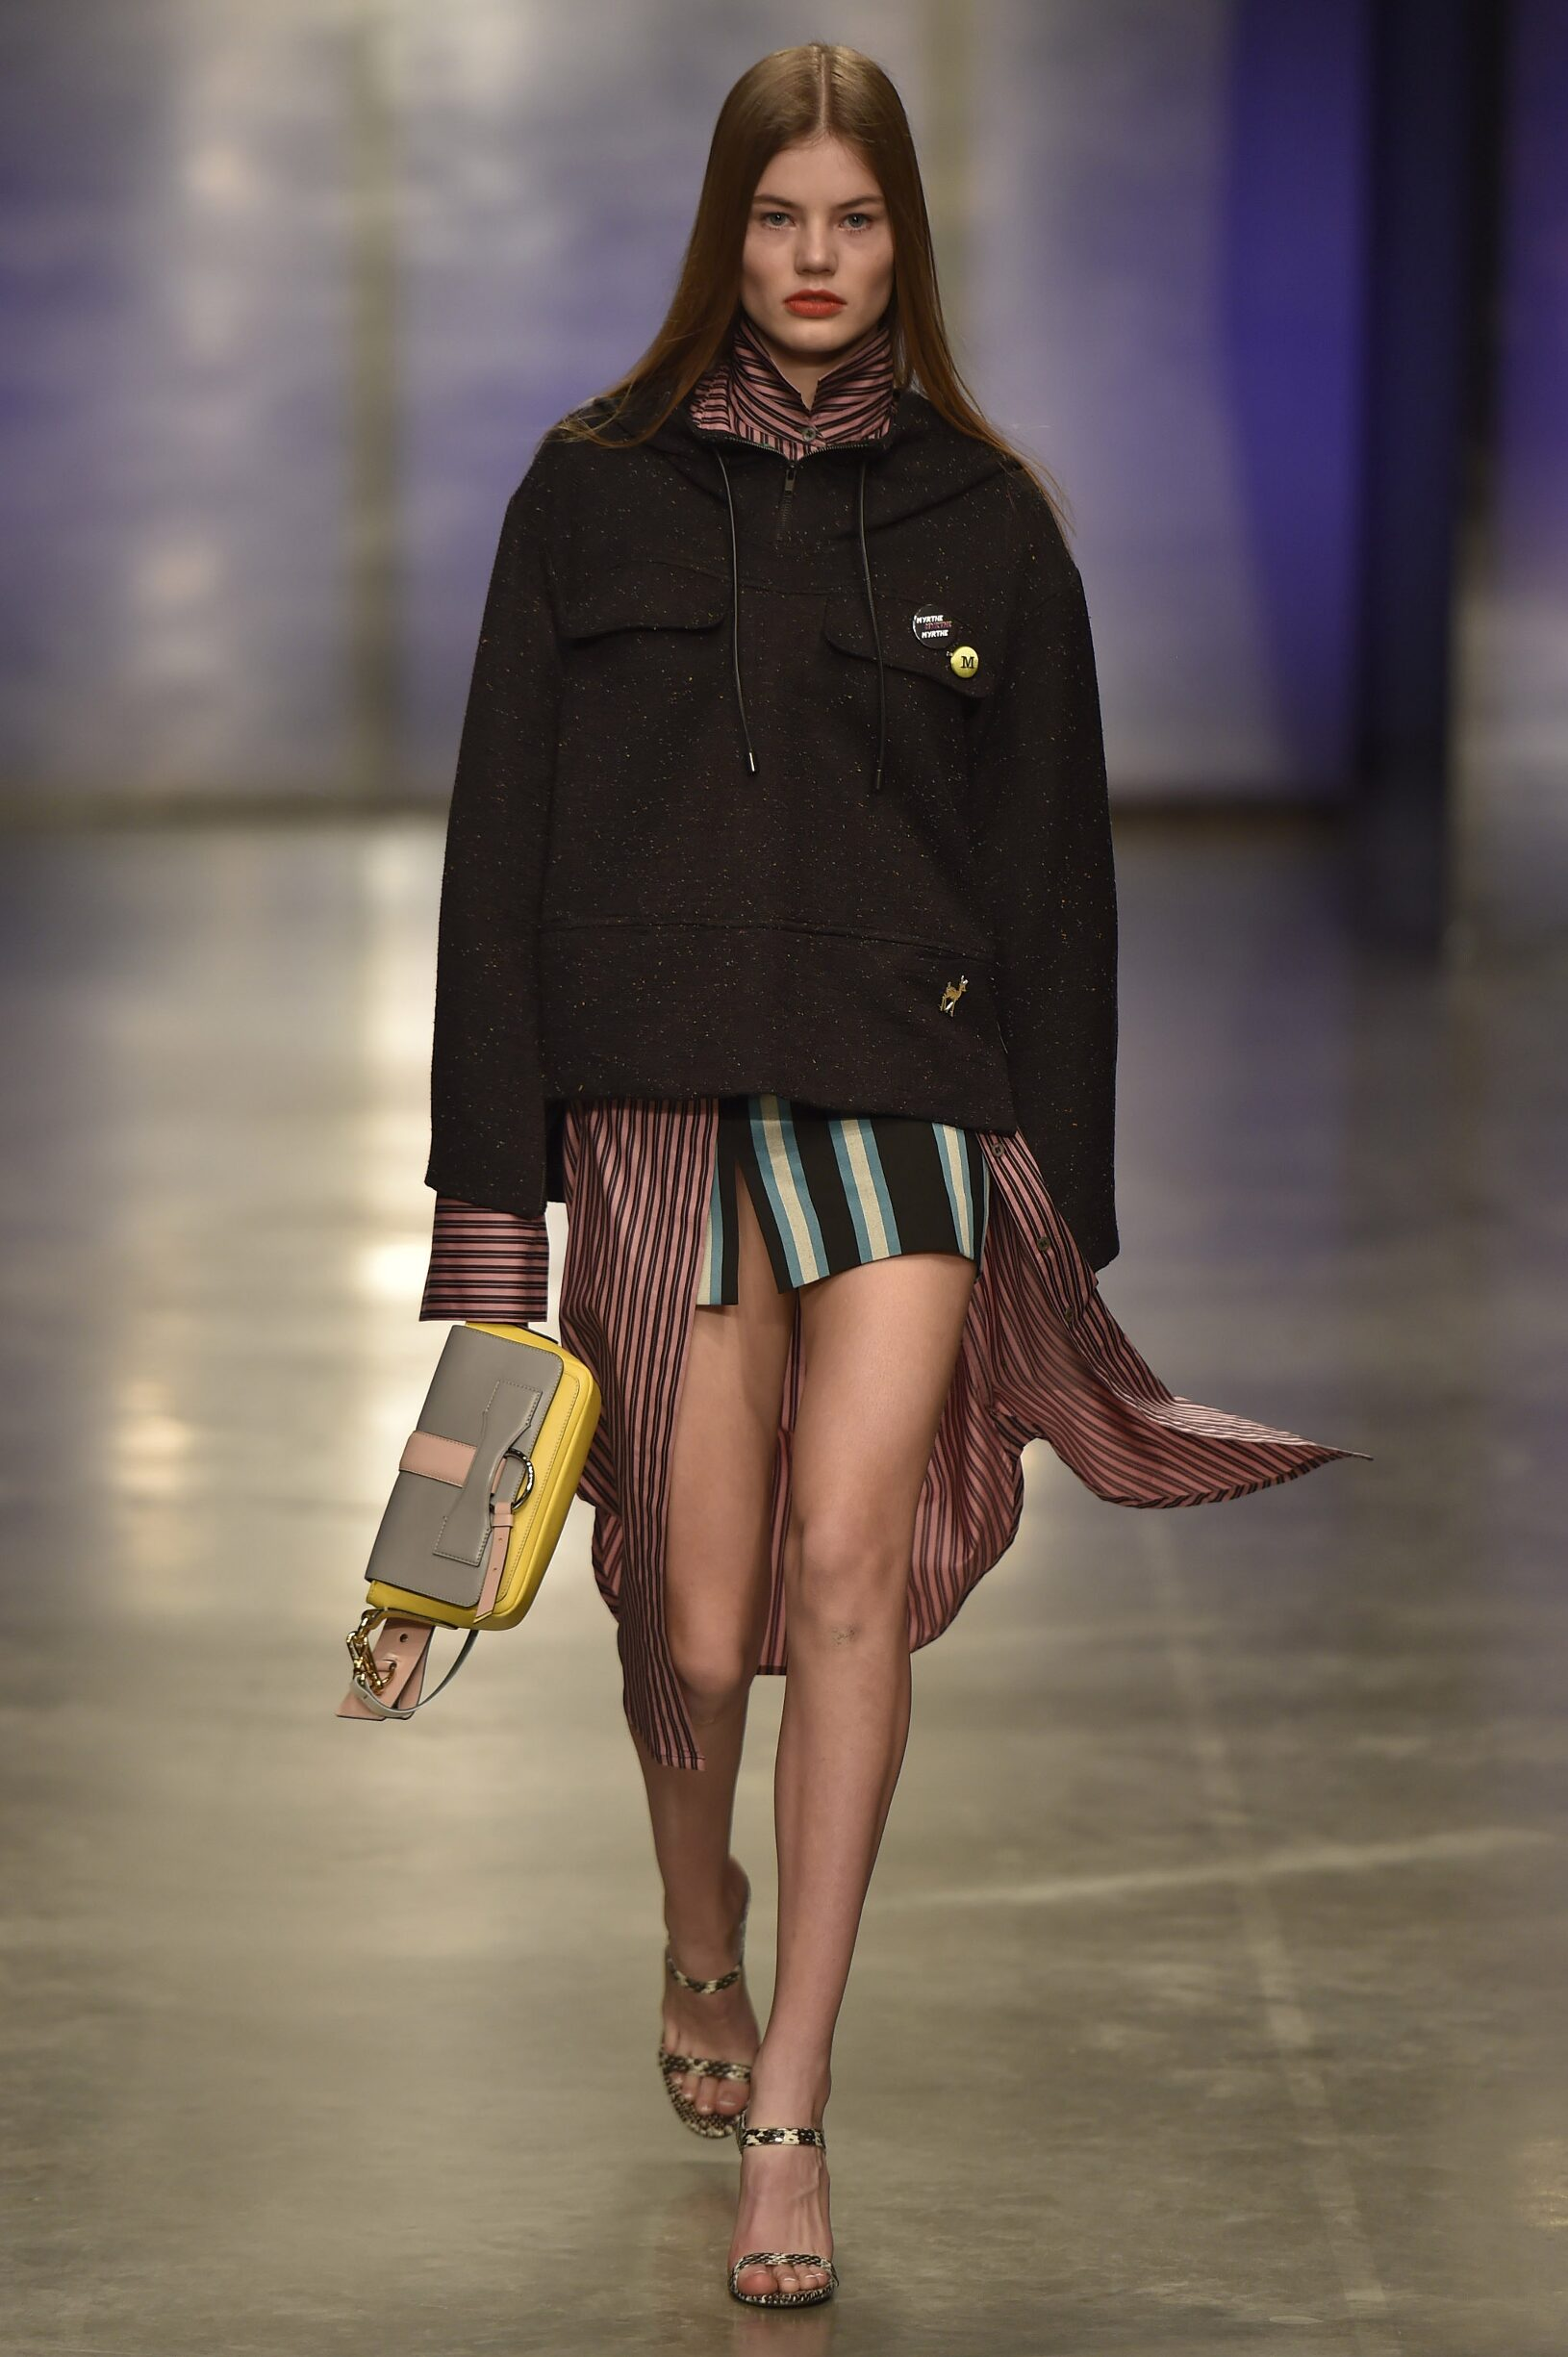 Woman Model Fashion Show Topshop Unique